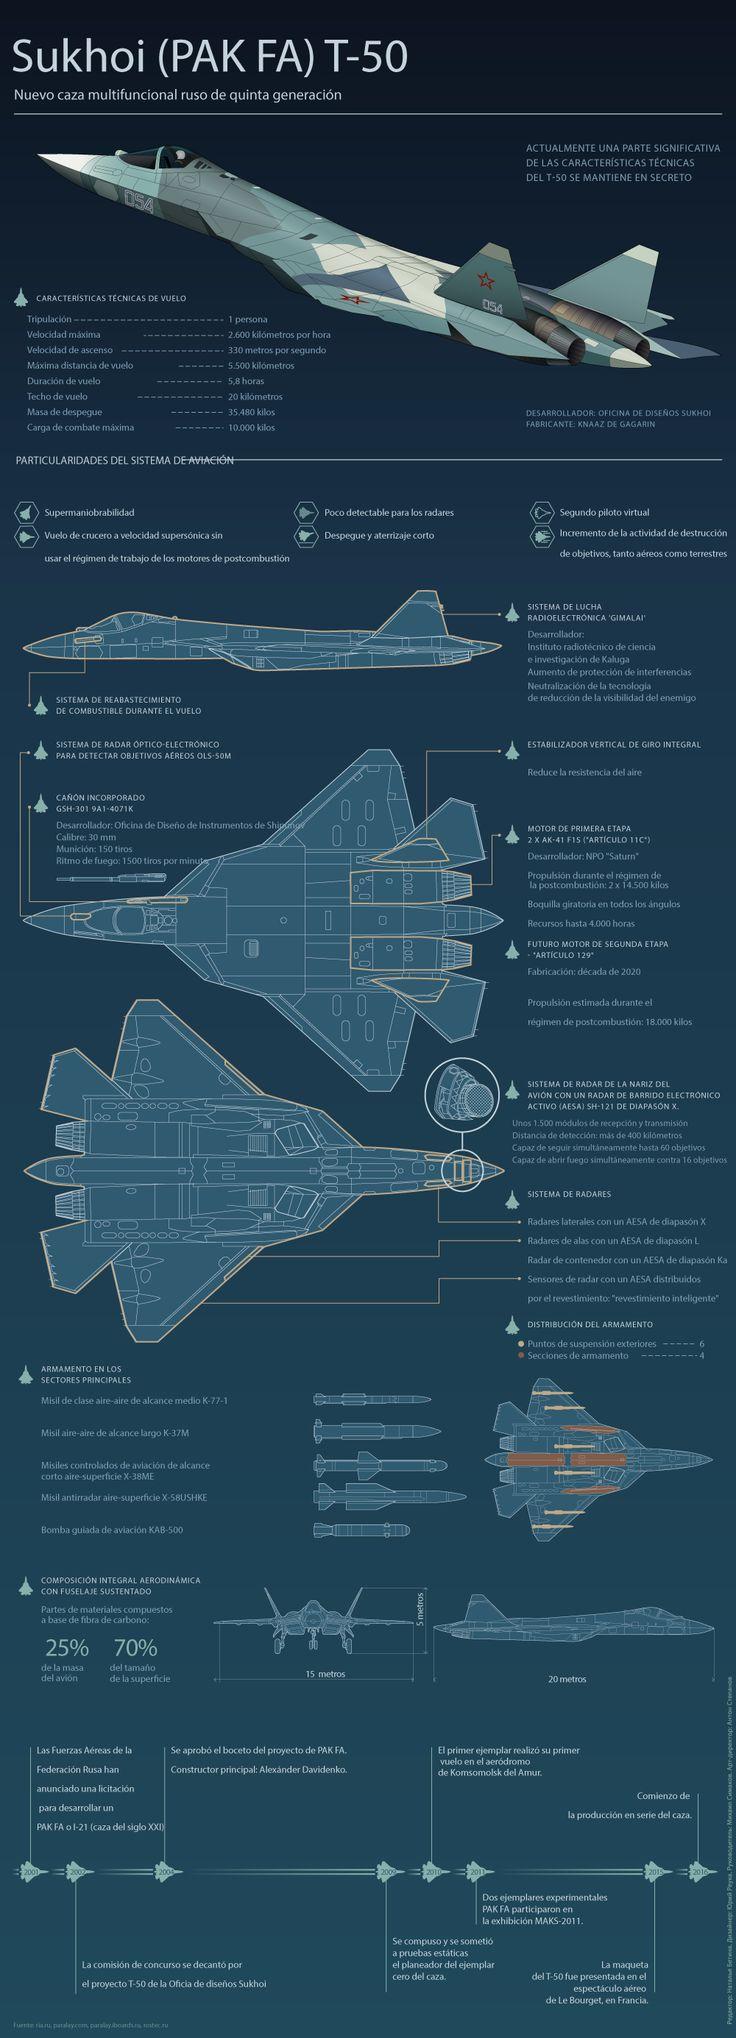 Potencia mortífera: El caza furtivo T-50 atacará desde cualquier distancia con su súper cohete - RT